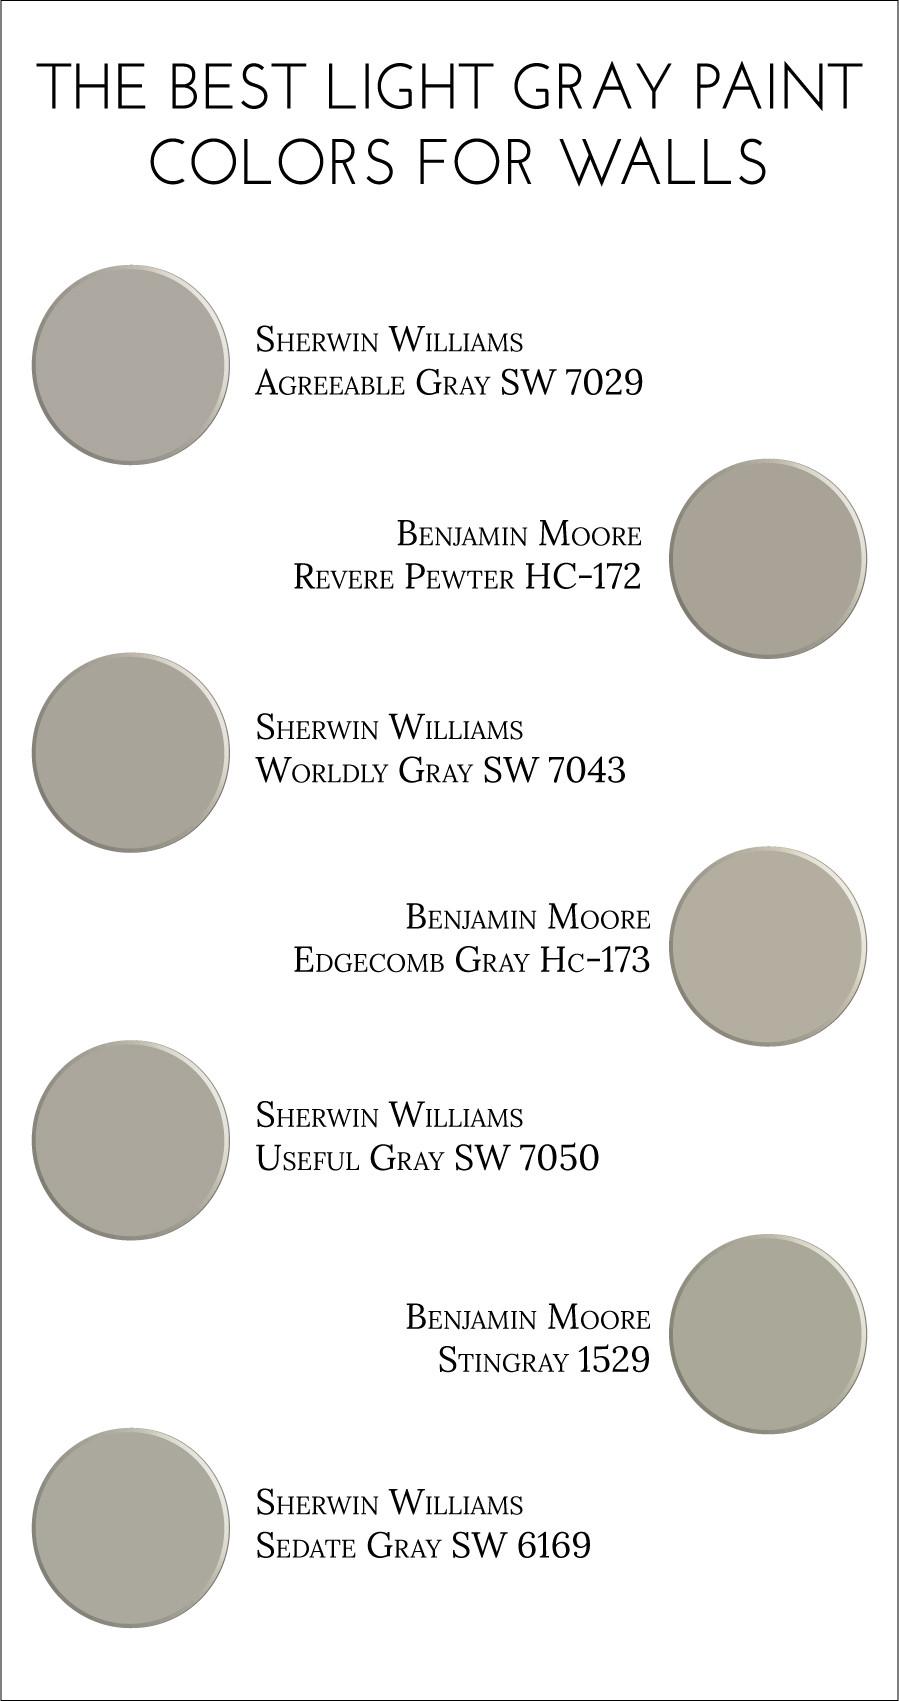 Best ideas about Light Grey Paint Colors . Save or Pin The Best Light Gray Paint Colors for Walls Jillian Lare Now.